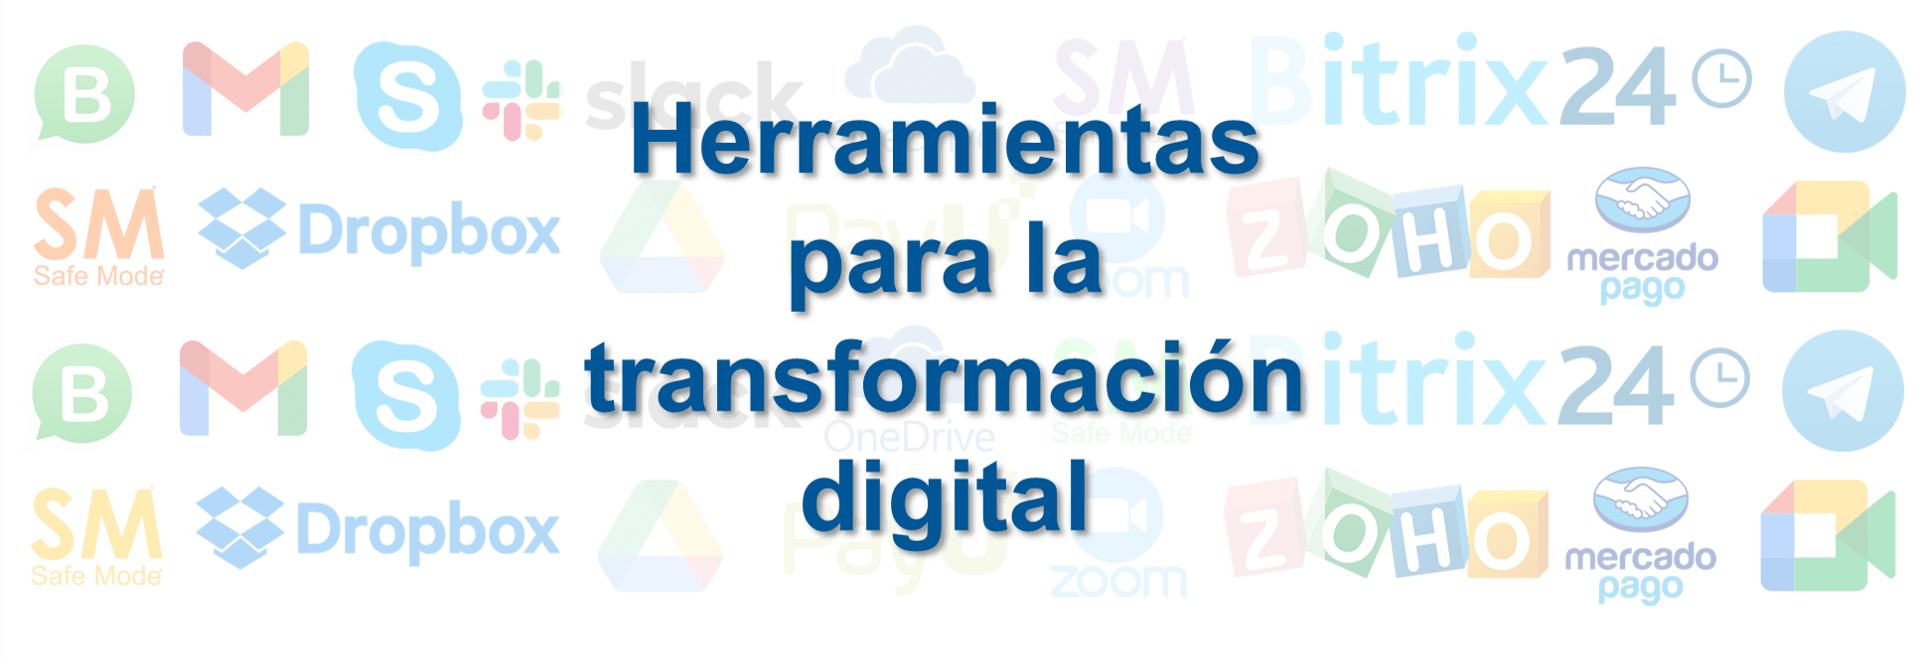 herramientas para transformacion digital